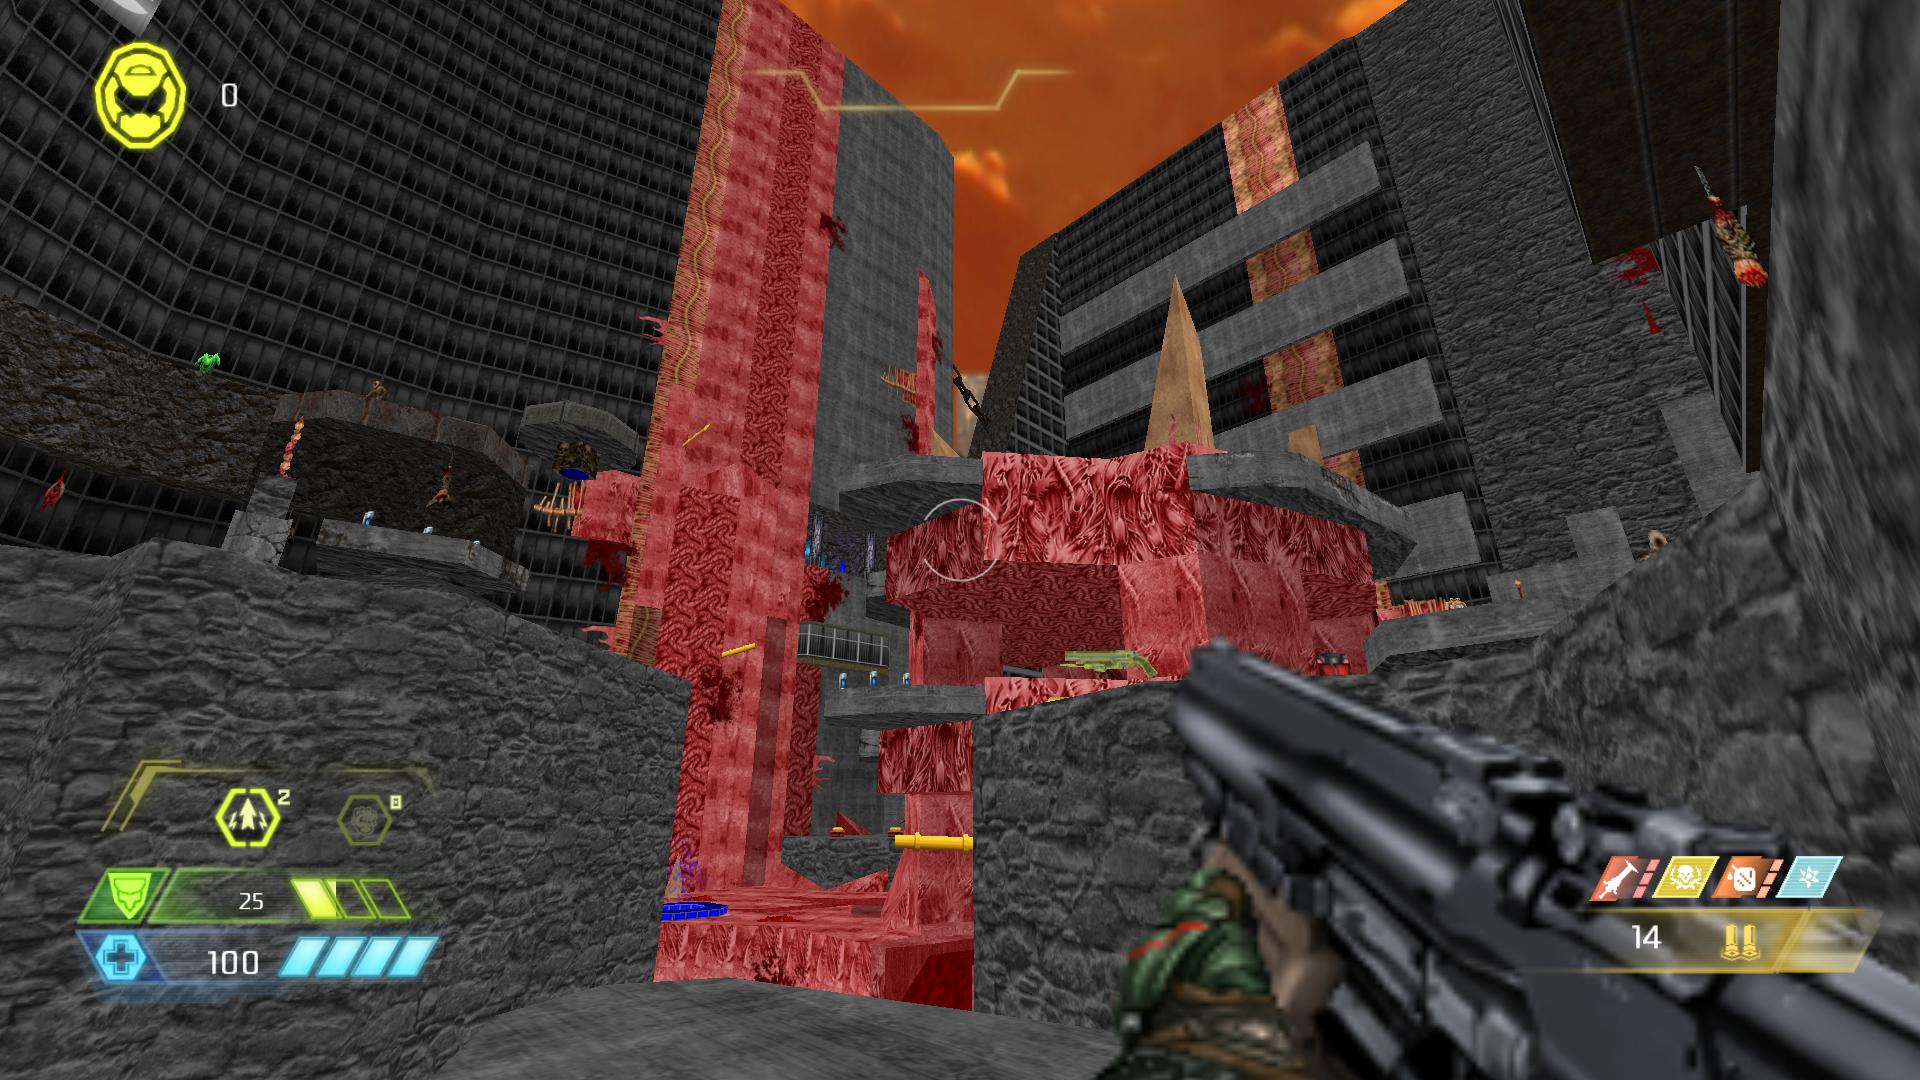 Screenshot_Doom_20210107_230358.png.3c6e3a3cb3fb5432881dcf5658d909bc.png